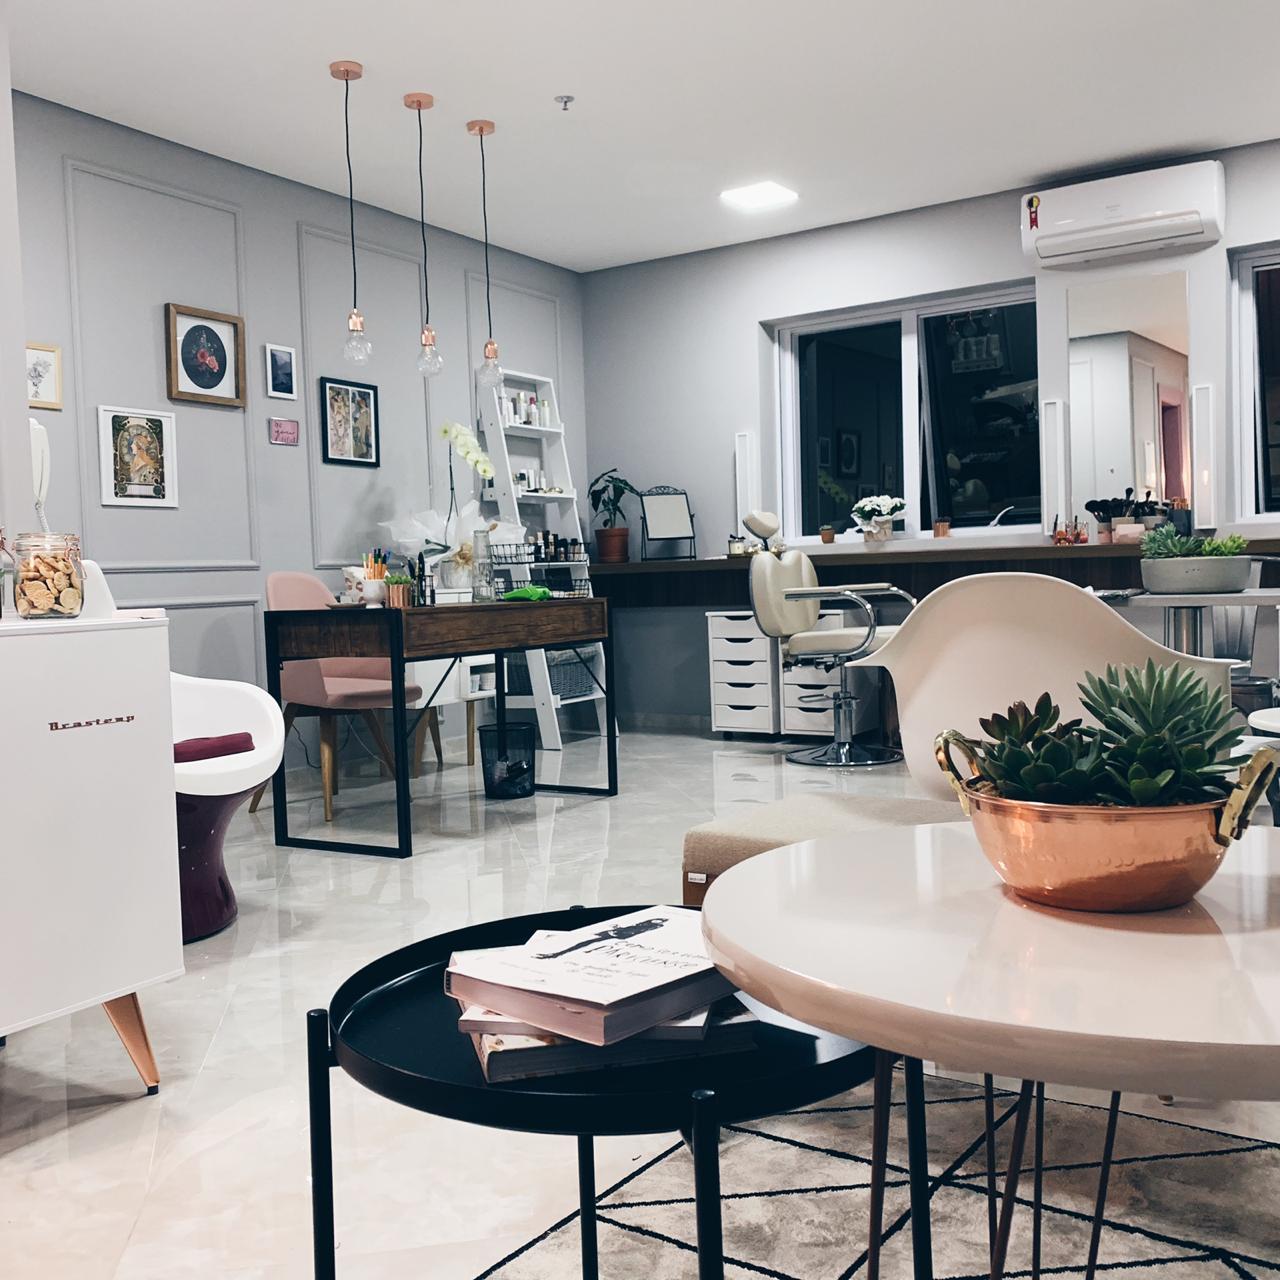 O ESTÚDIO - O Alberta Estúdio de Beleza é o mais novo espaço de atuação da maquiadora Ligia Albert.Inaugurado em Março de 2019, o Alberta é mais do que um salão de beleza: é um espaço feminino e moderno para quem gosta de curtir o processo de se maquiar e pentear para um evento especial.